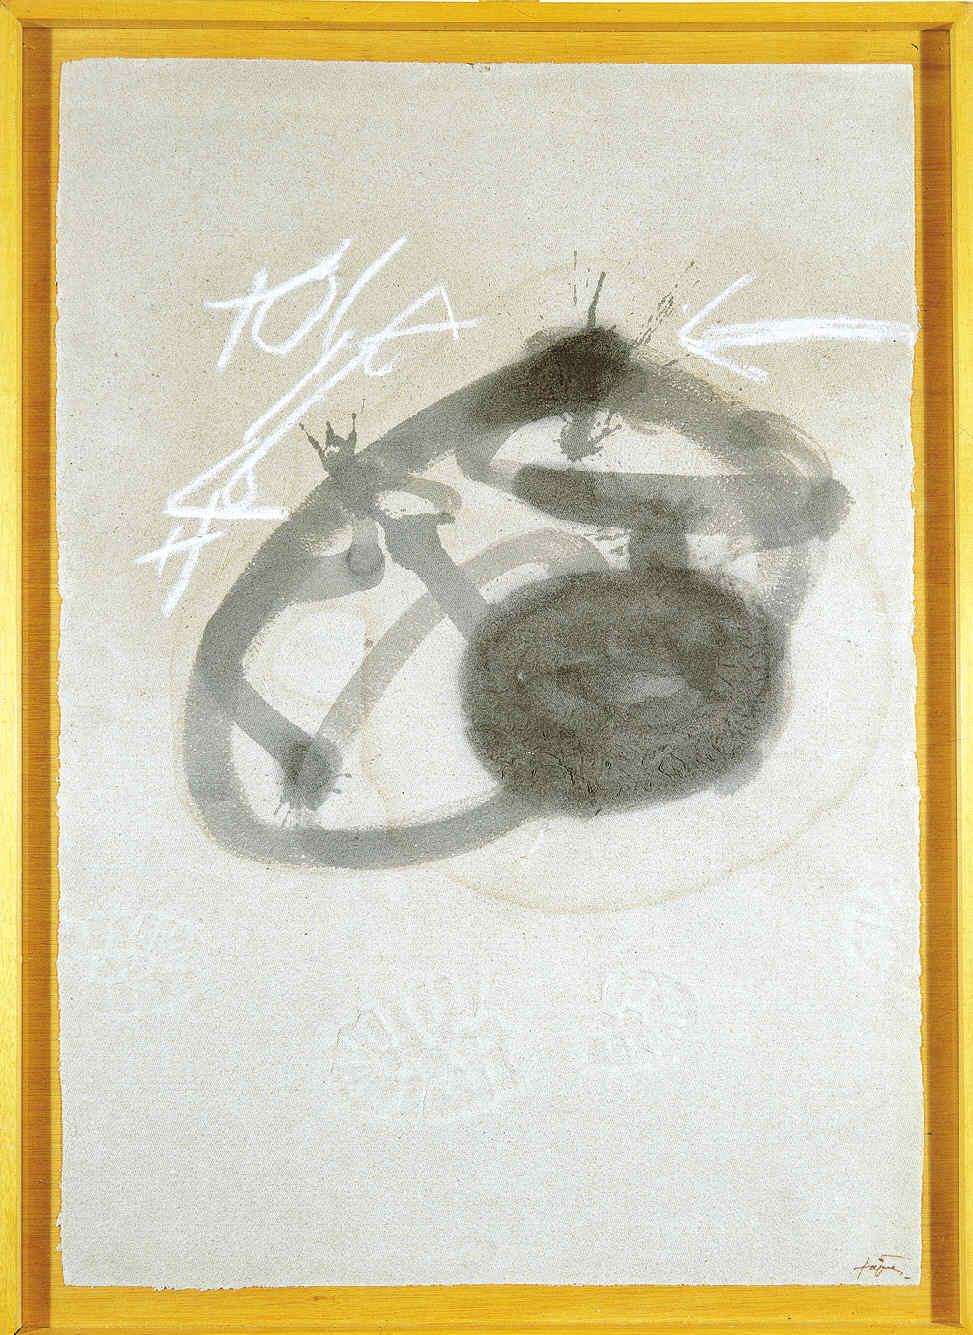 TÀPIES, Antoni, <i>Cal.ligrafia amb petjades</i>